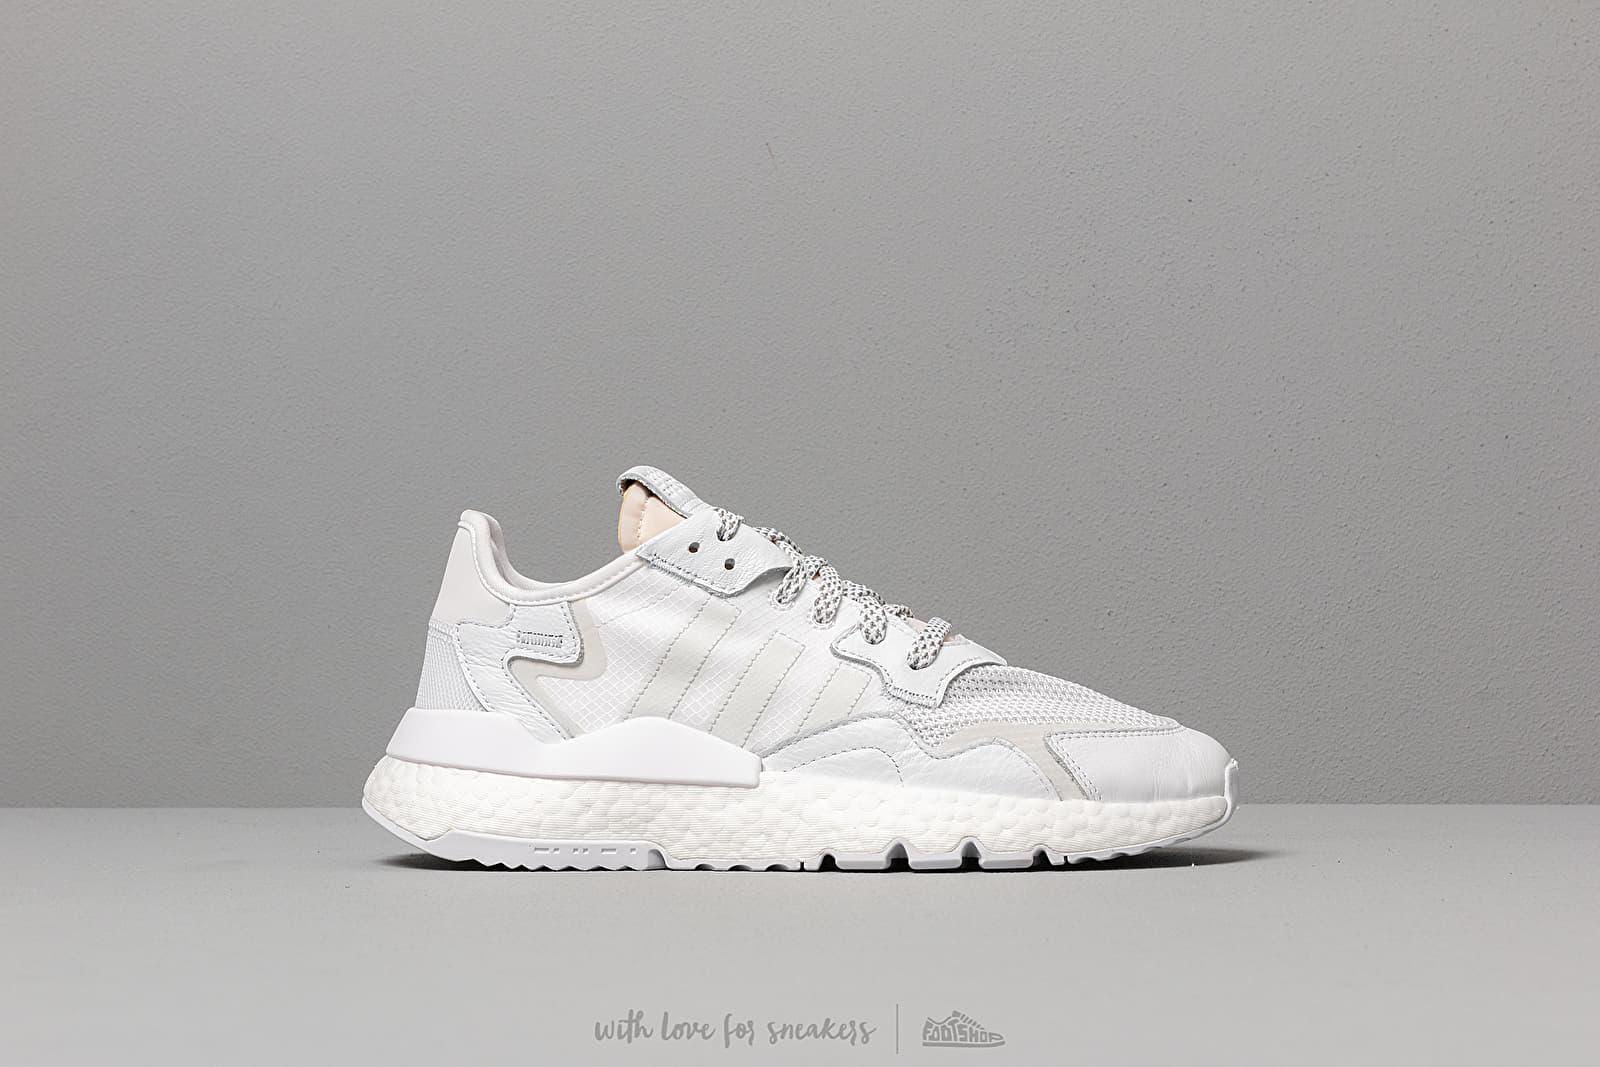 separation shoes 13ff4 e7dc1 adidas Nite Jogger Ftw White  Crystal White  Crystal White at a great price  125